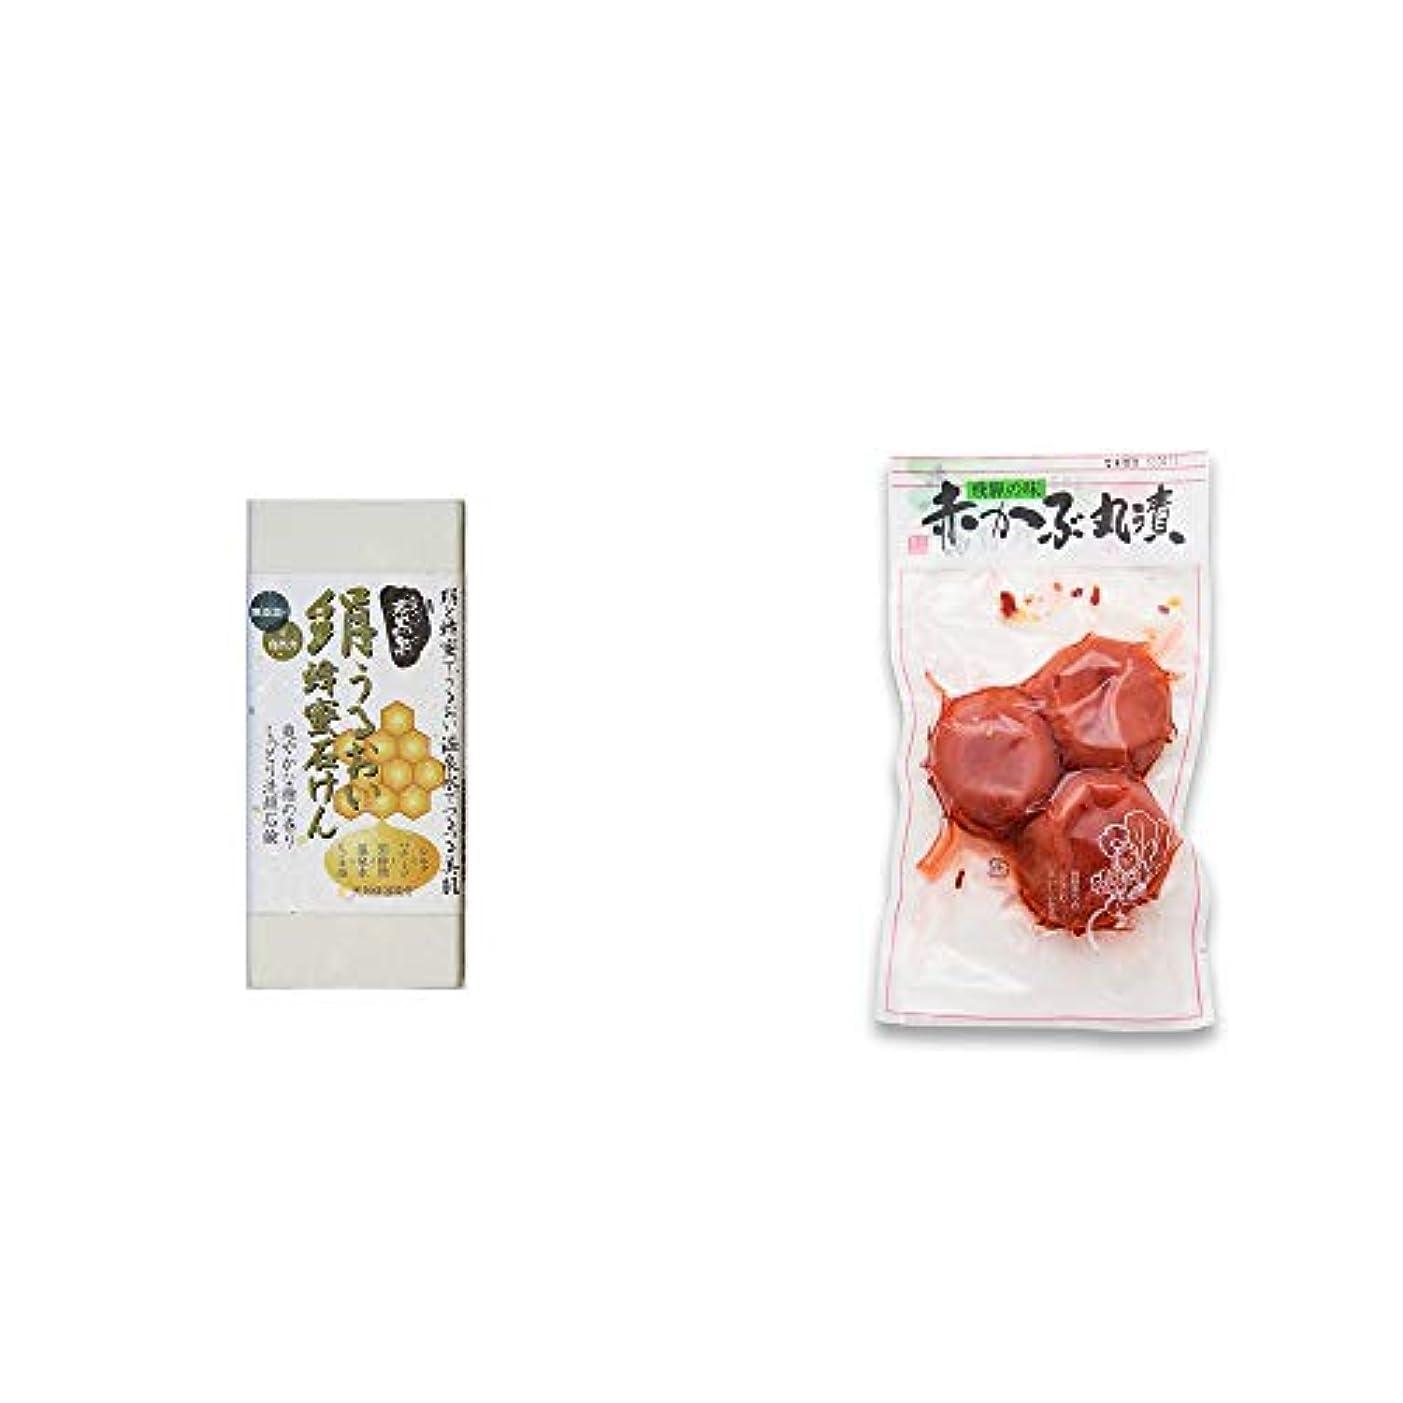 本困った直接[2点セット] ひのき炭黒泉 絹うるおい蜂蜜石けん(75g×2)?赤かぶ丸漬け(150g)